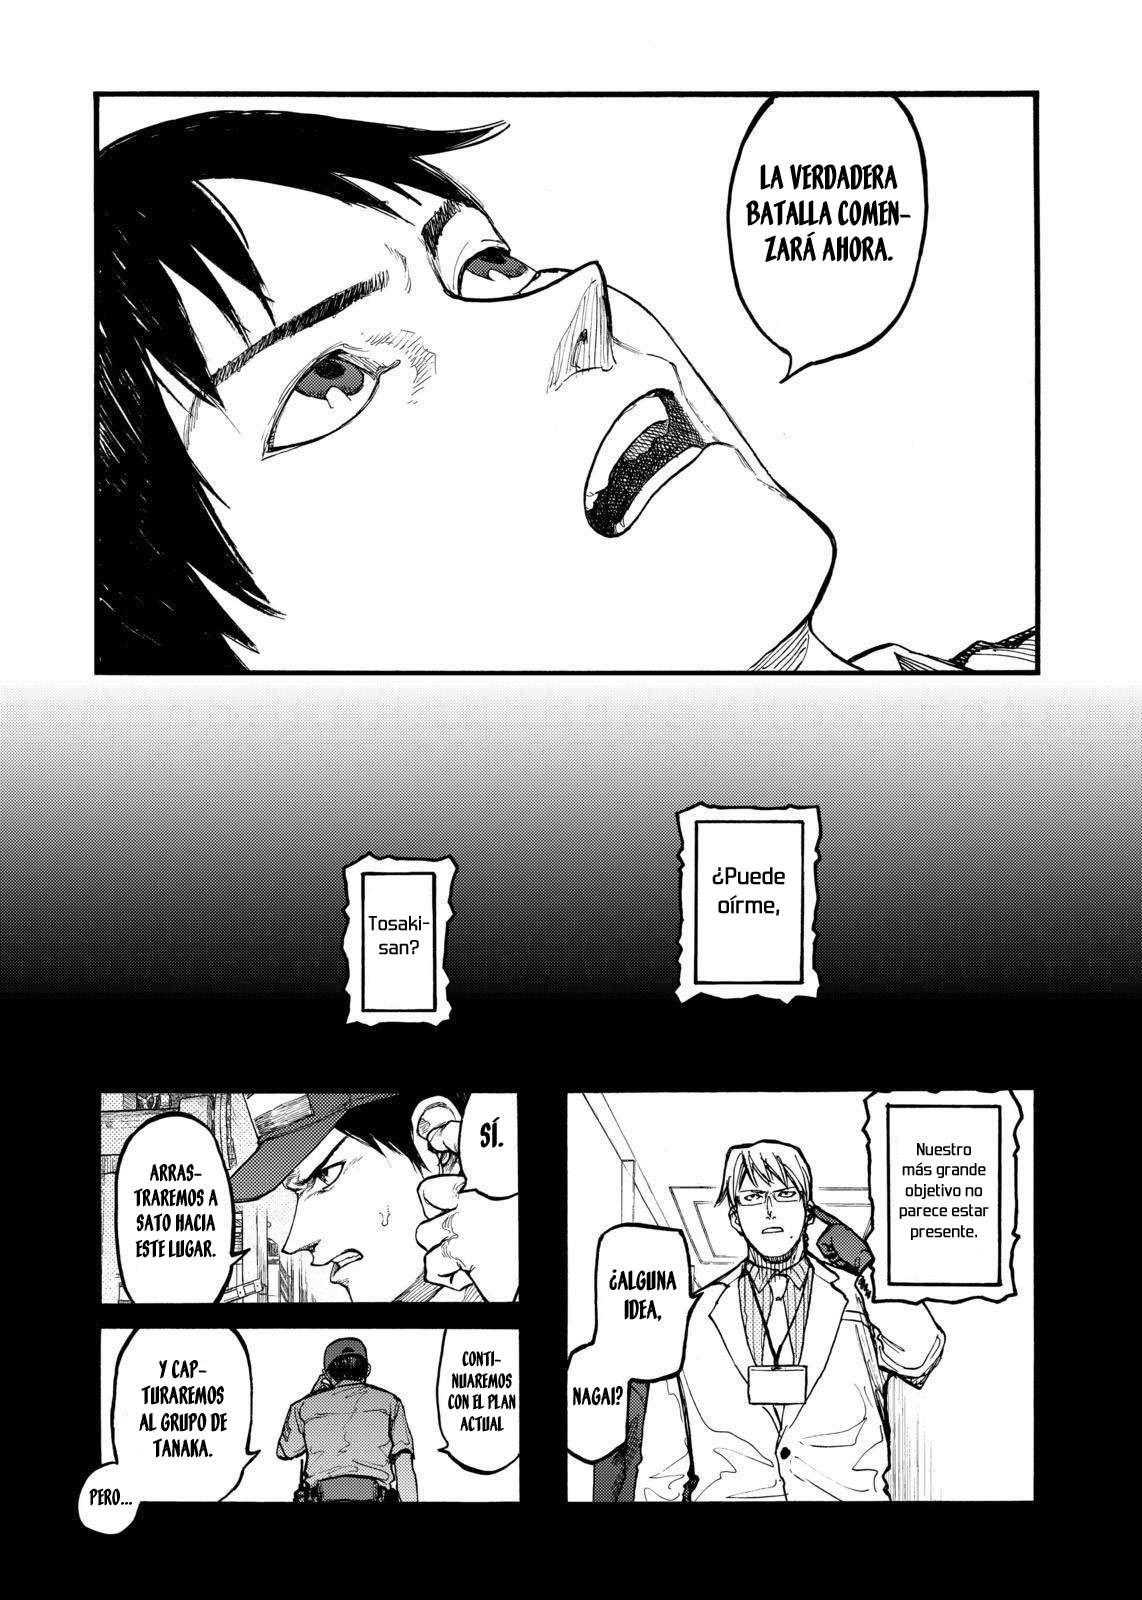 https://c5.ninemanga.com/es_manga/33/14177/432935/540ae6b0f6ac6e155062f3dd4f0b2b01.jpg Page 6